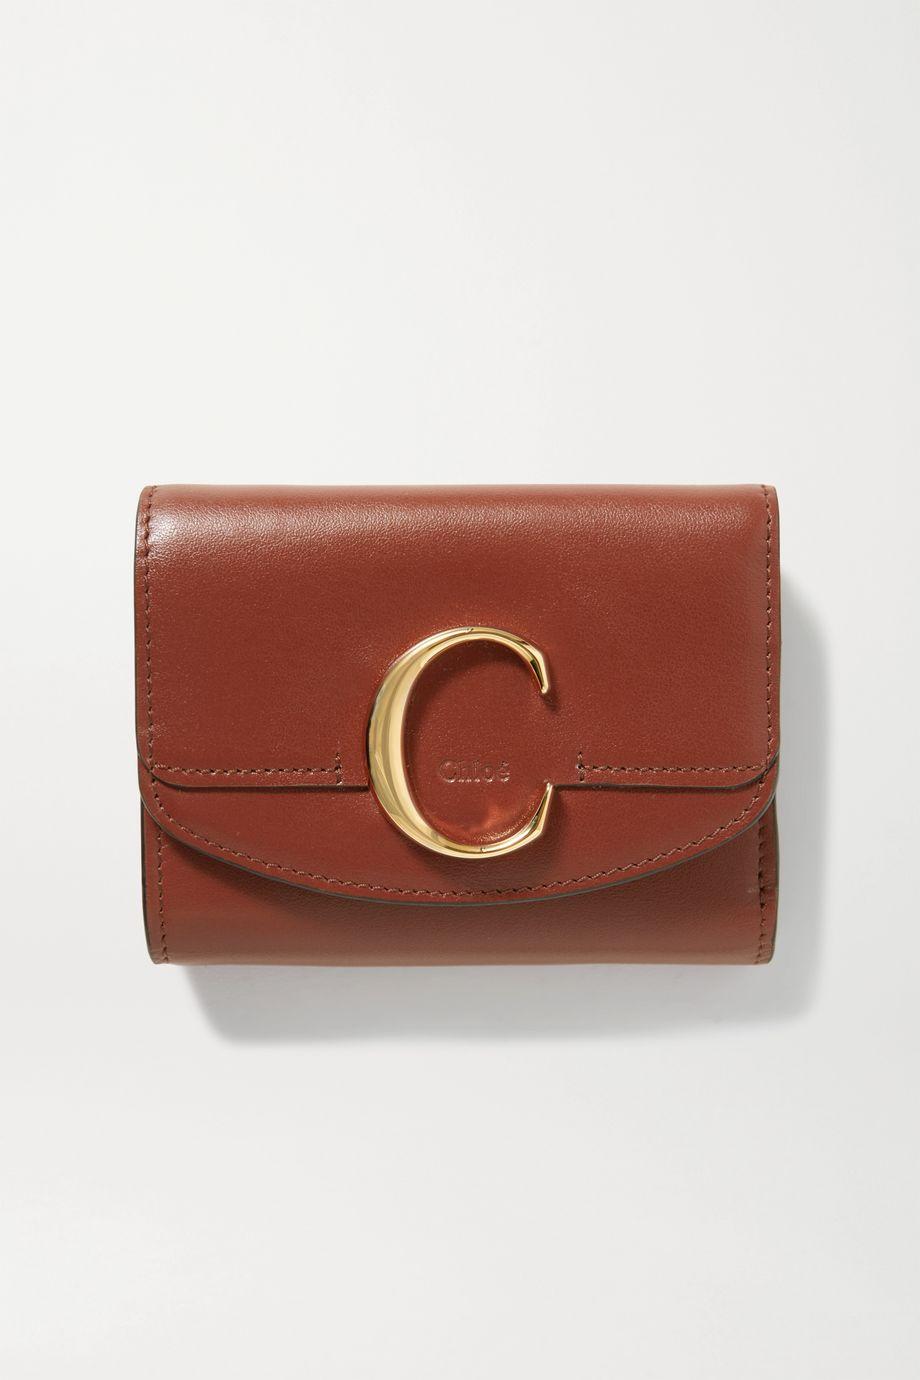 Chloé Chloé C Portemonnaie aus Leder